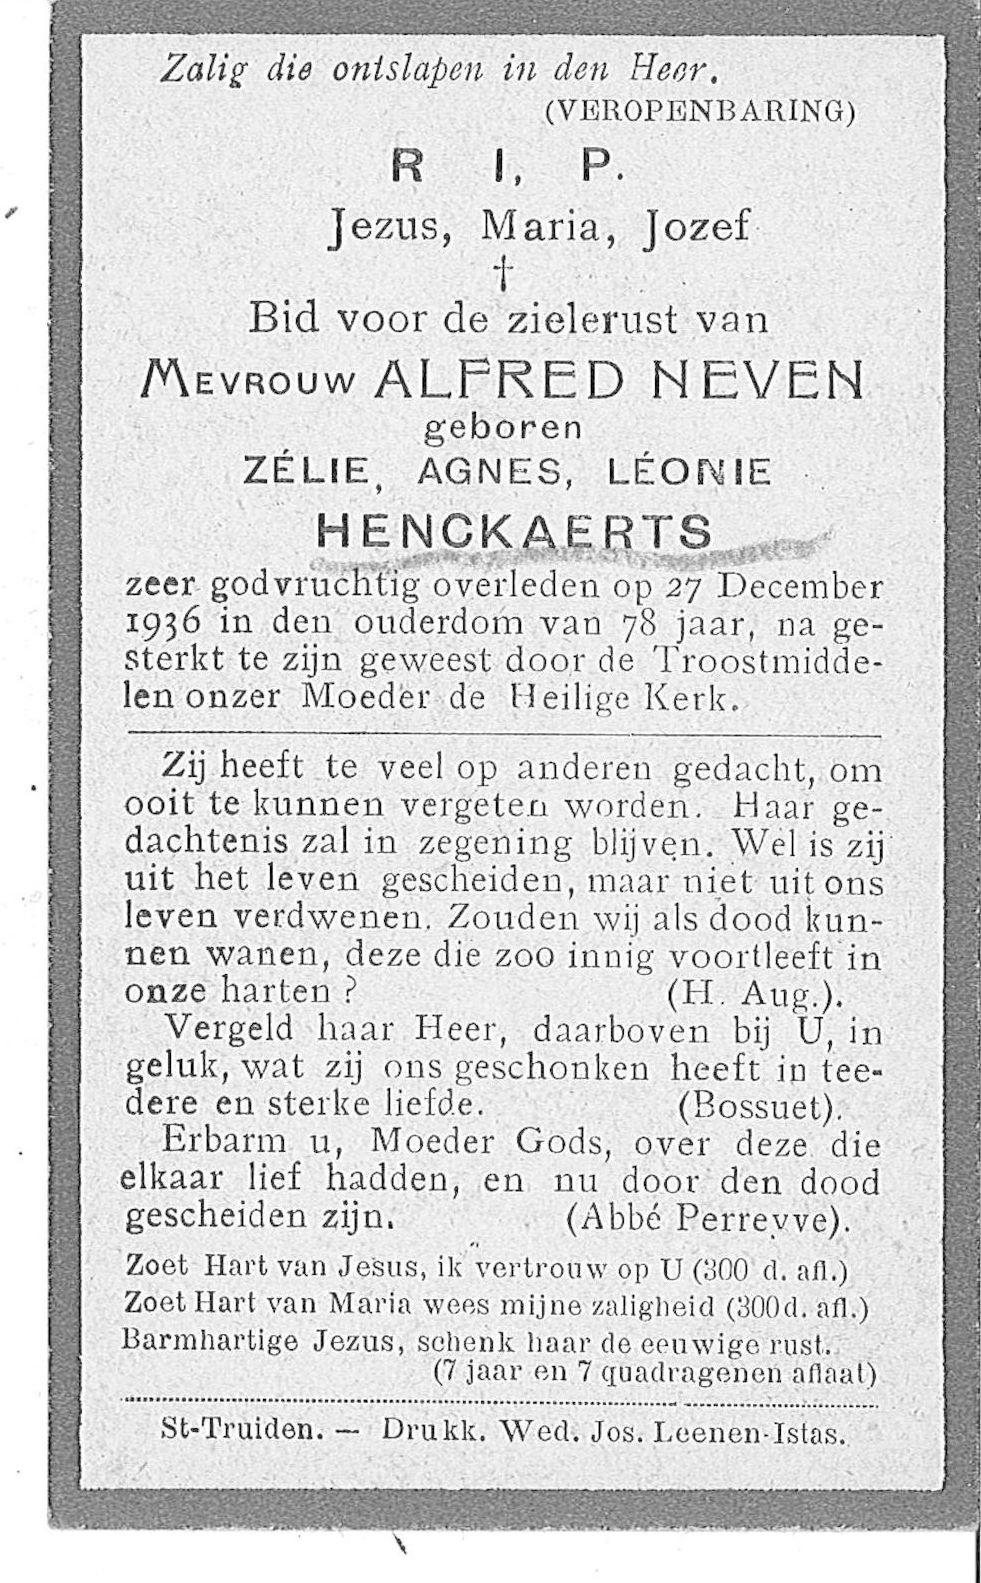 Zélie Agnes Léonie Henckaerts